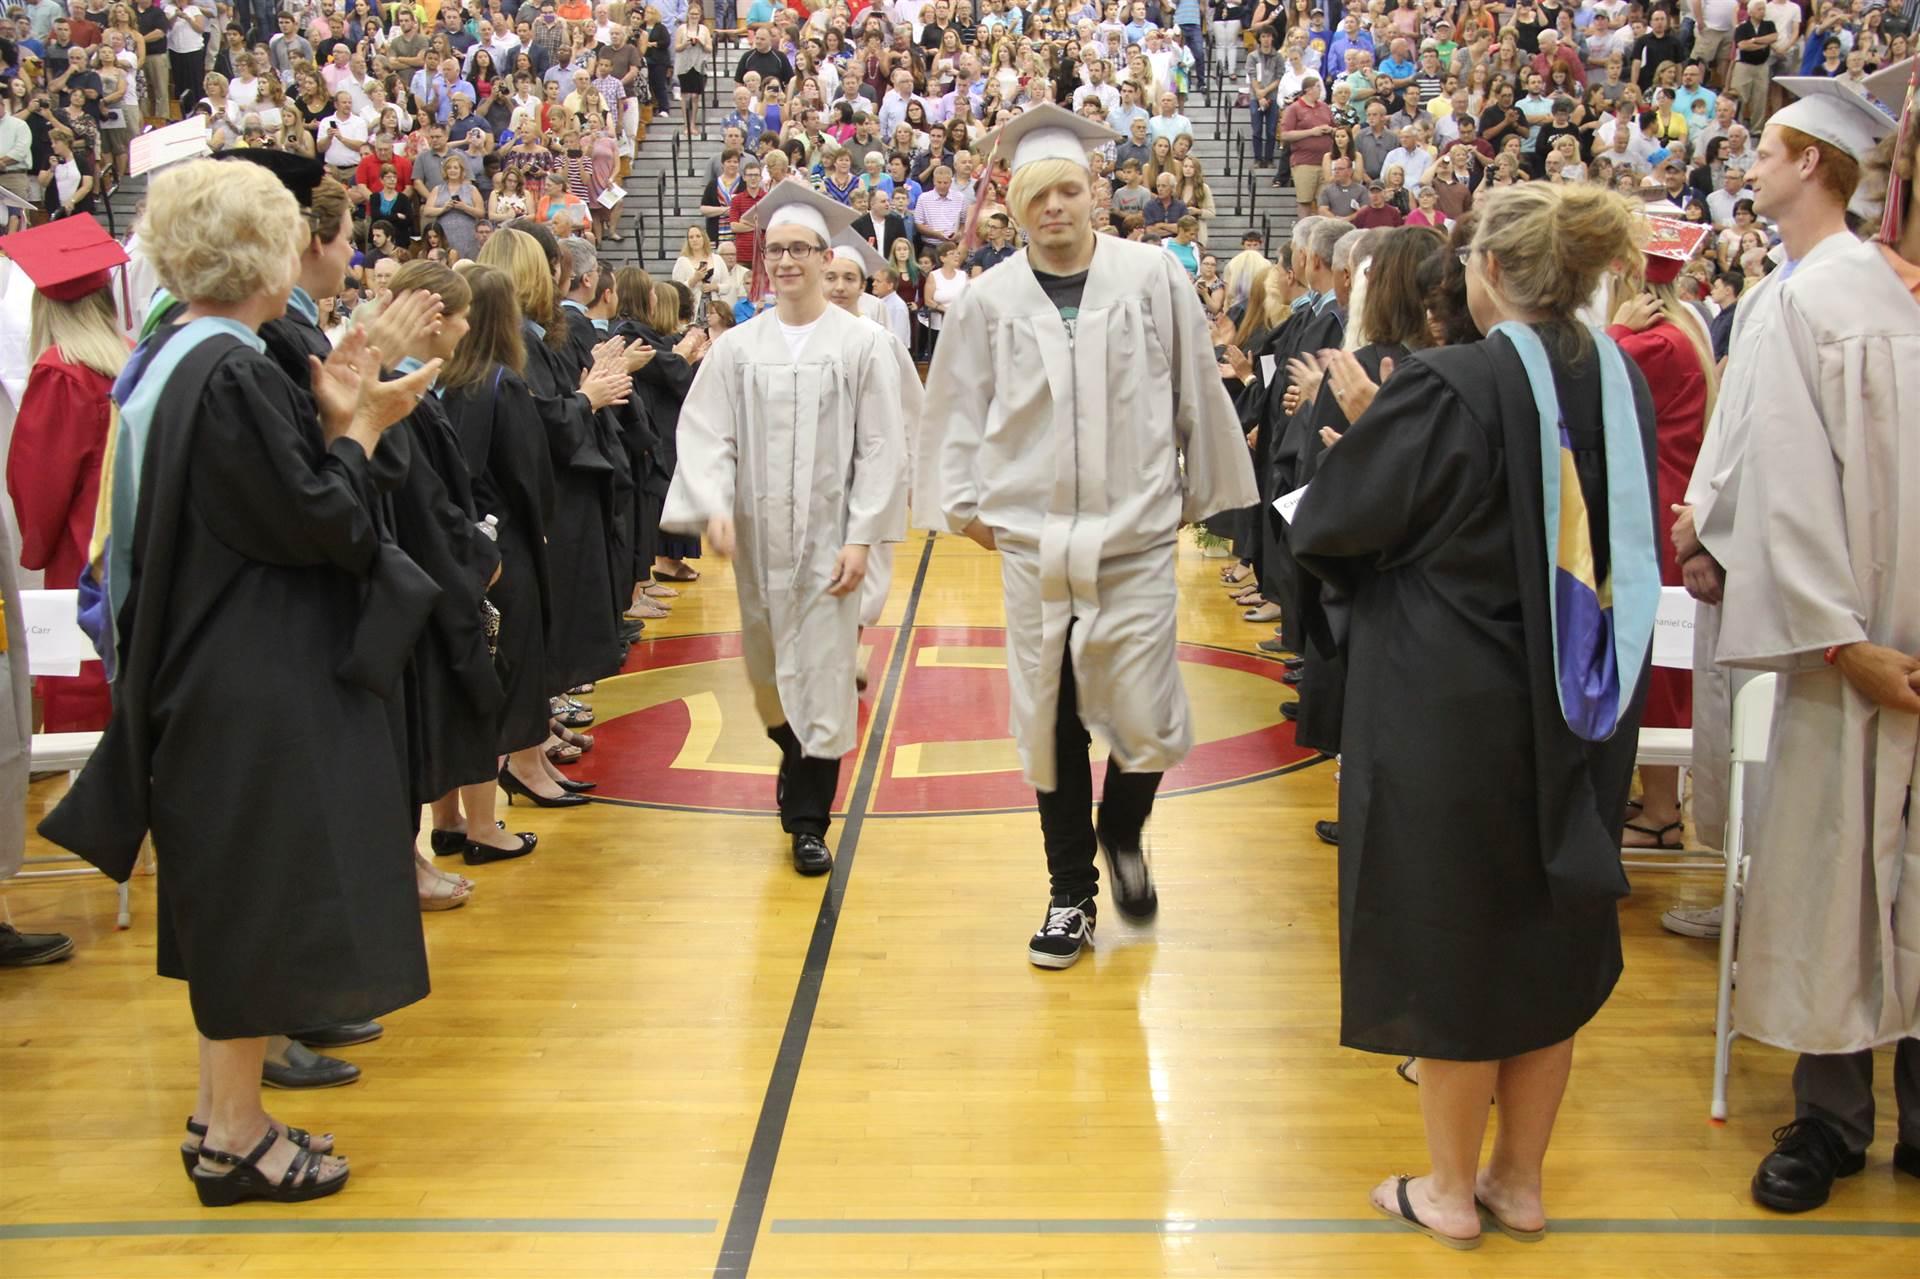 photo 58 from 2017 C V Graduation.